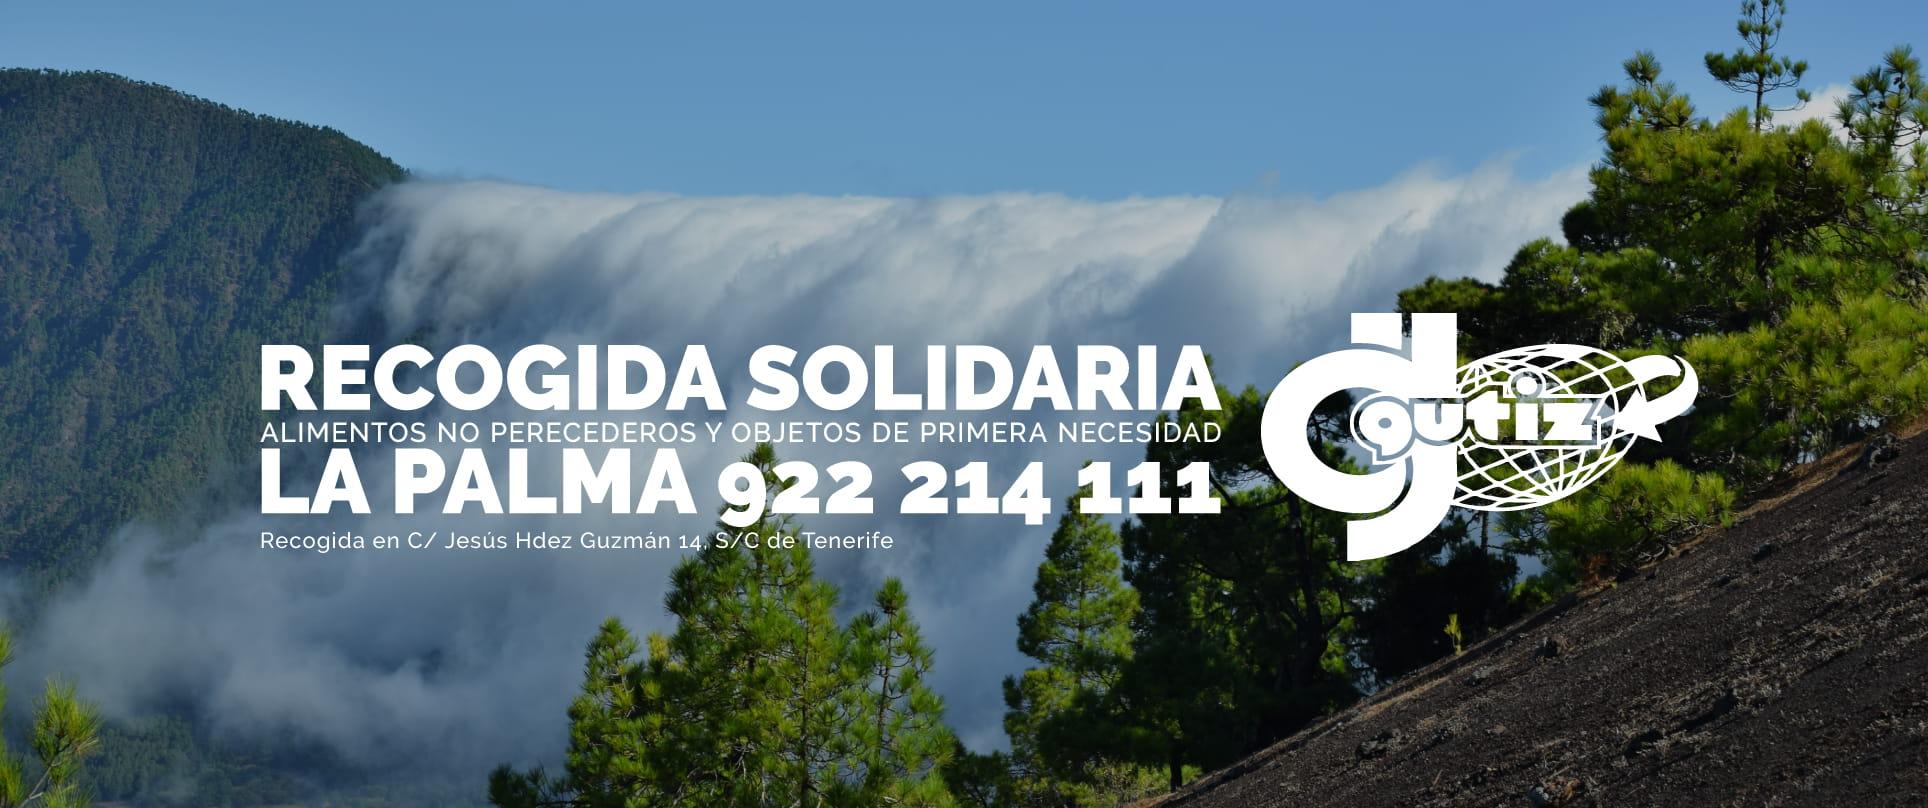 campaña-solidaria-la-palma-slider-web-2